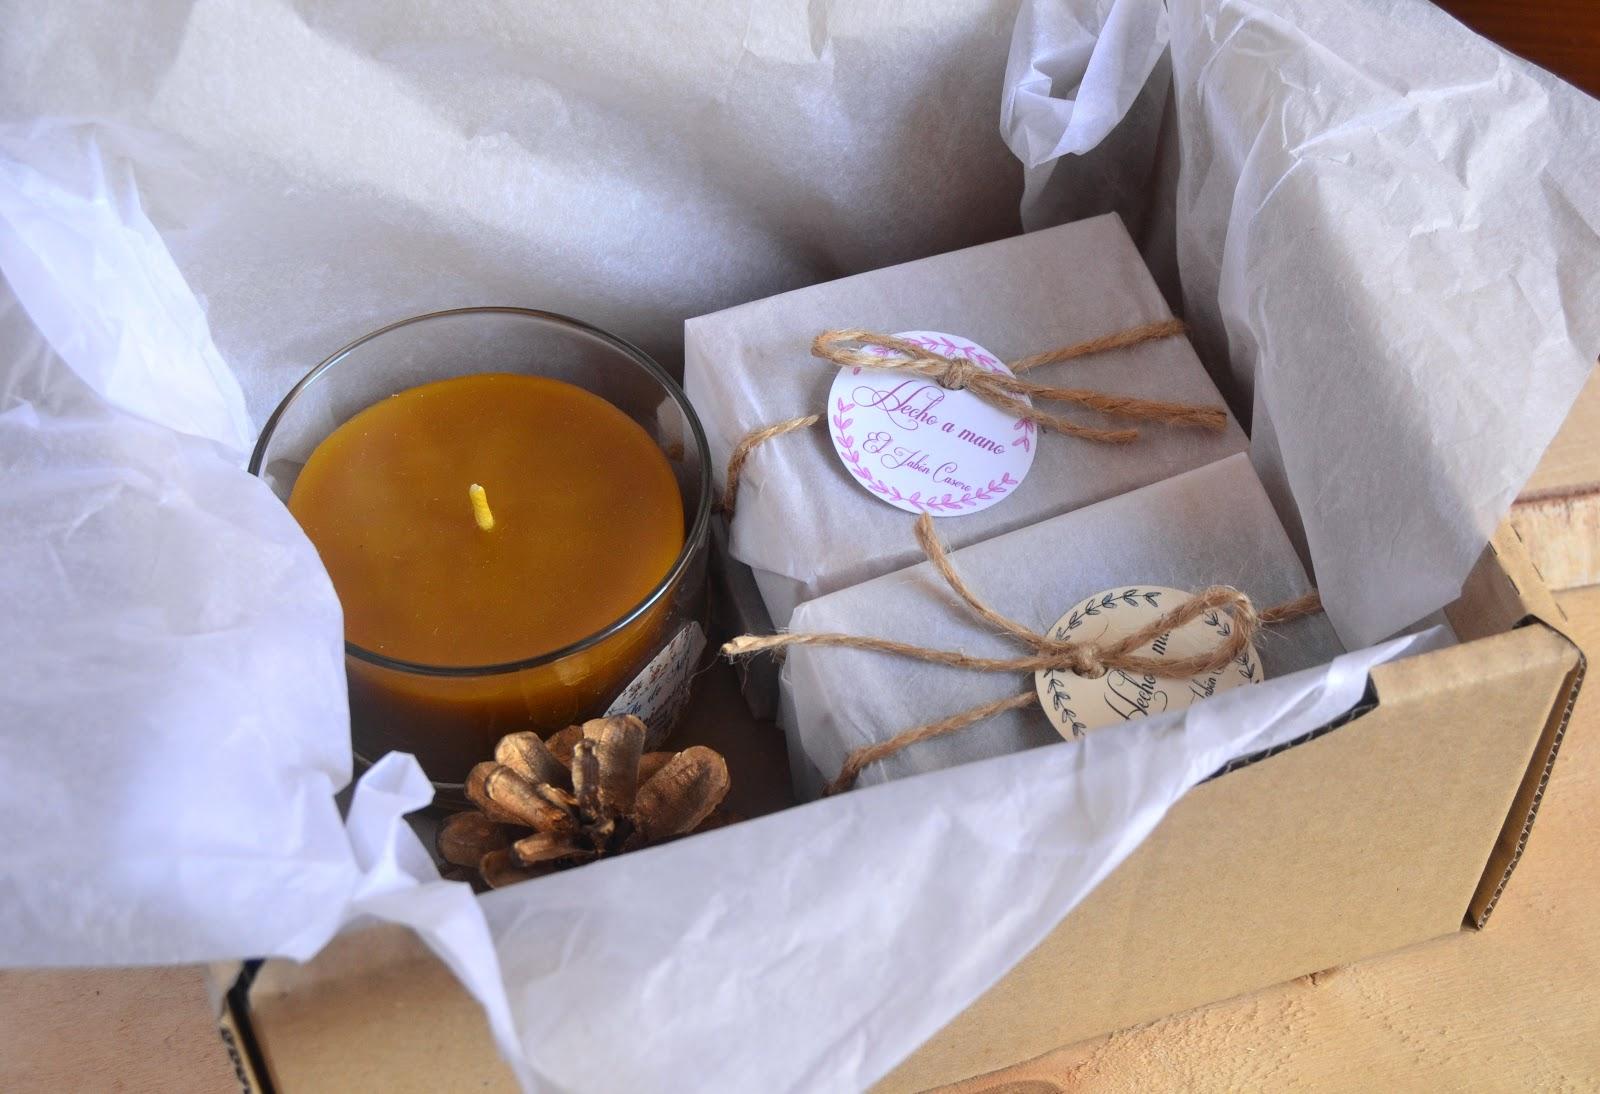 jabones y velas de miel regalos en navidad y dia de reyes with regalos caseros para navidad